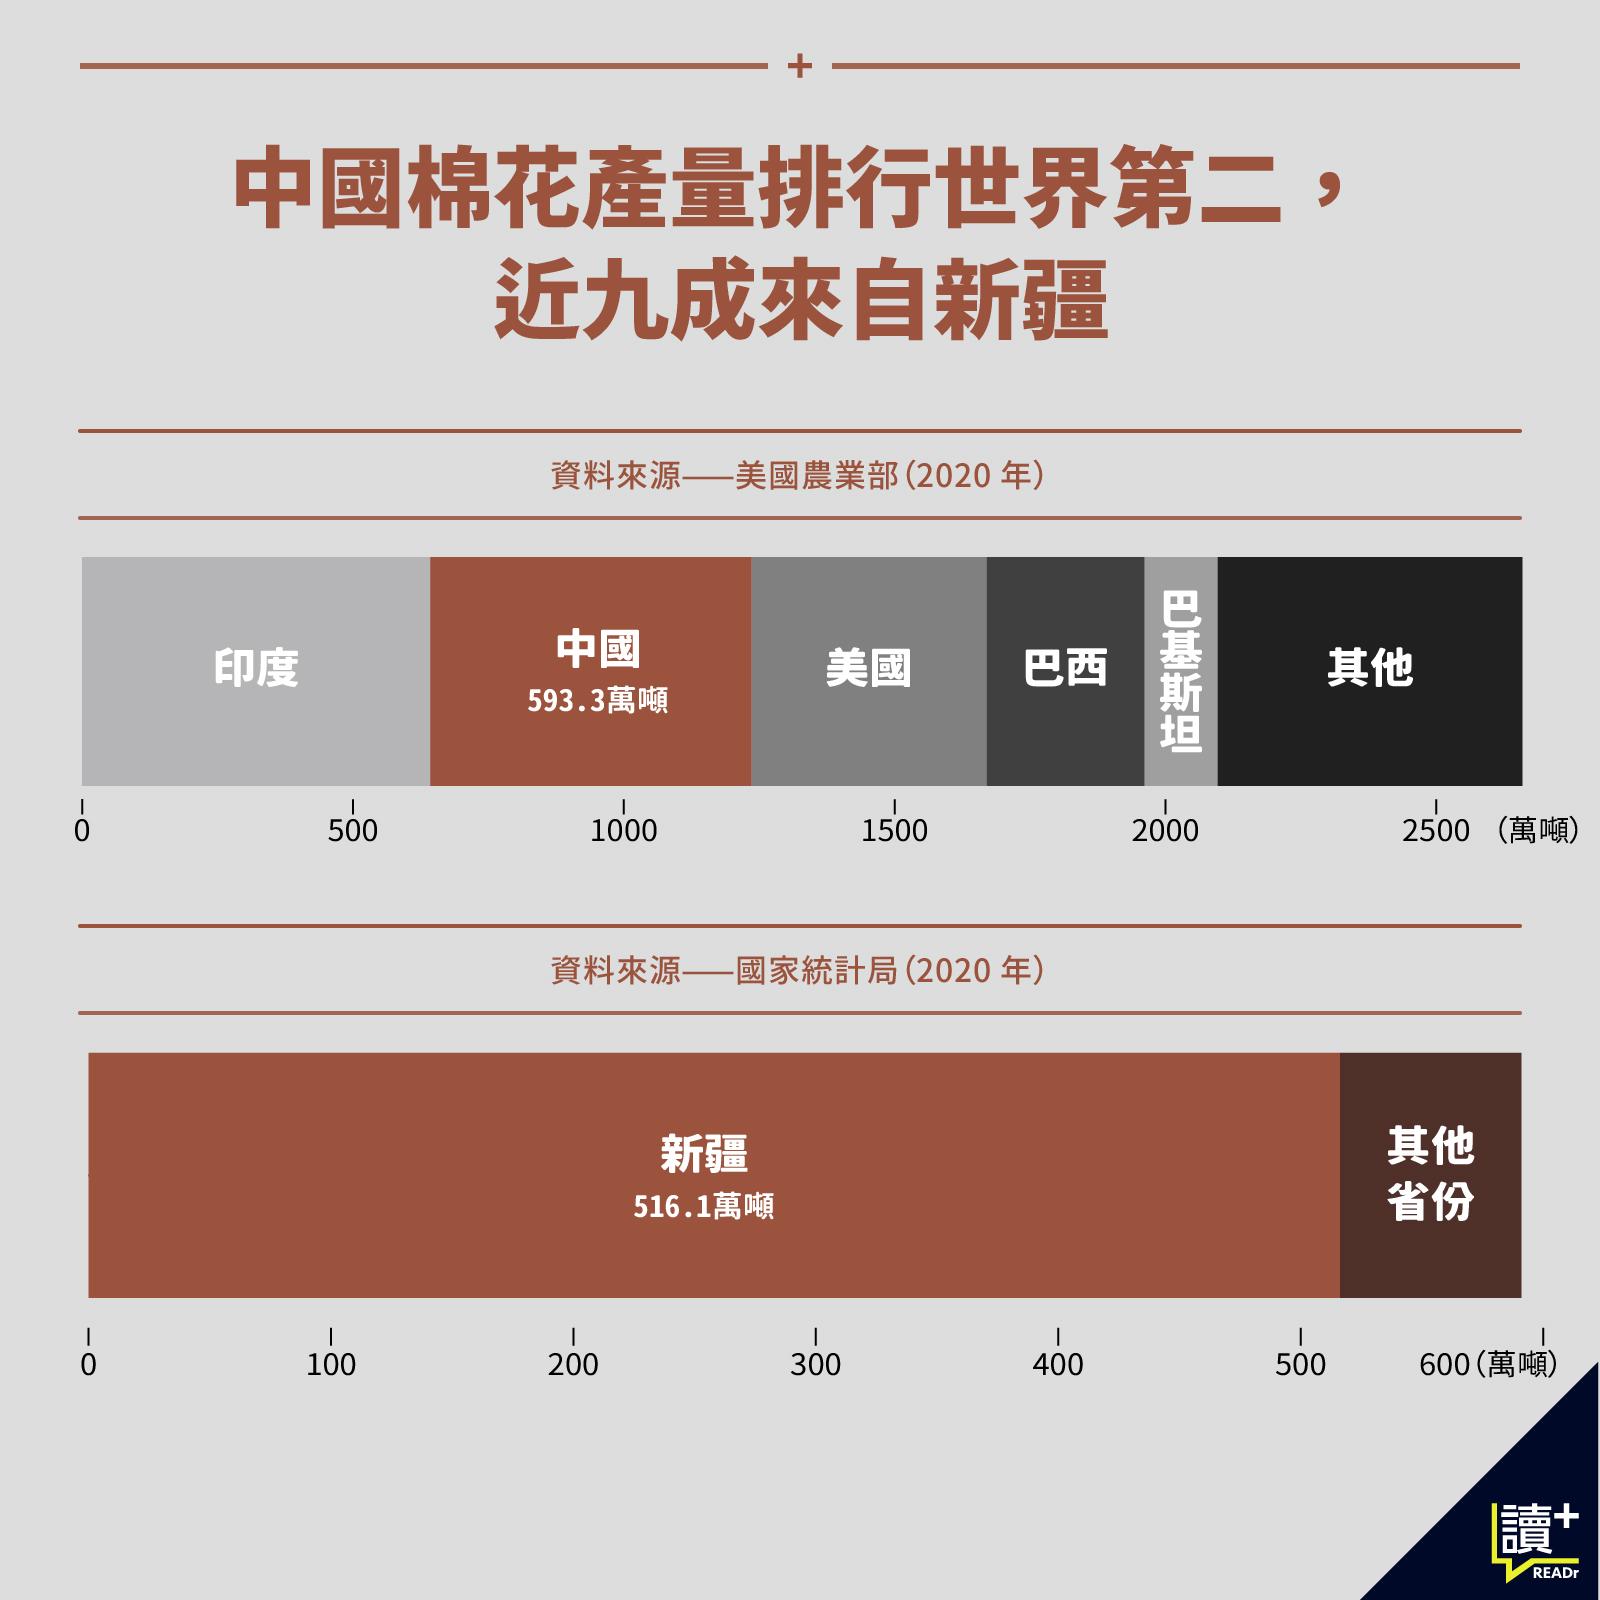 中國棉花產量與產地。